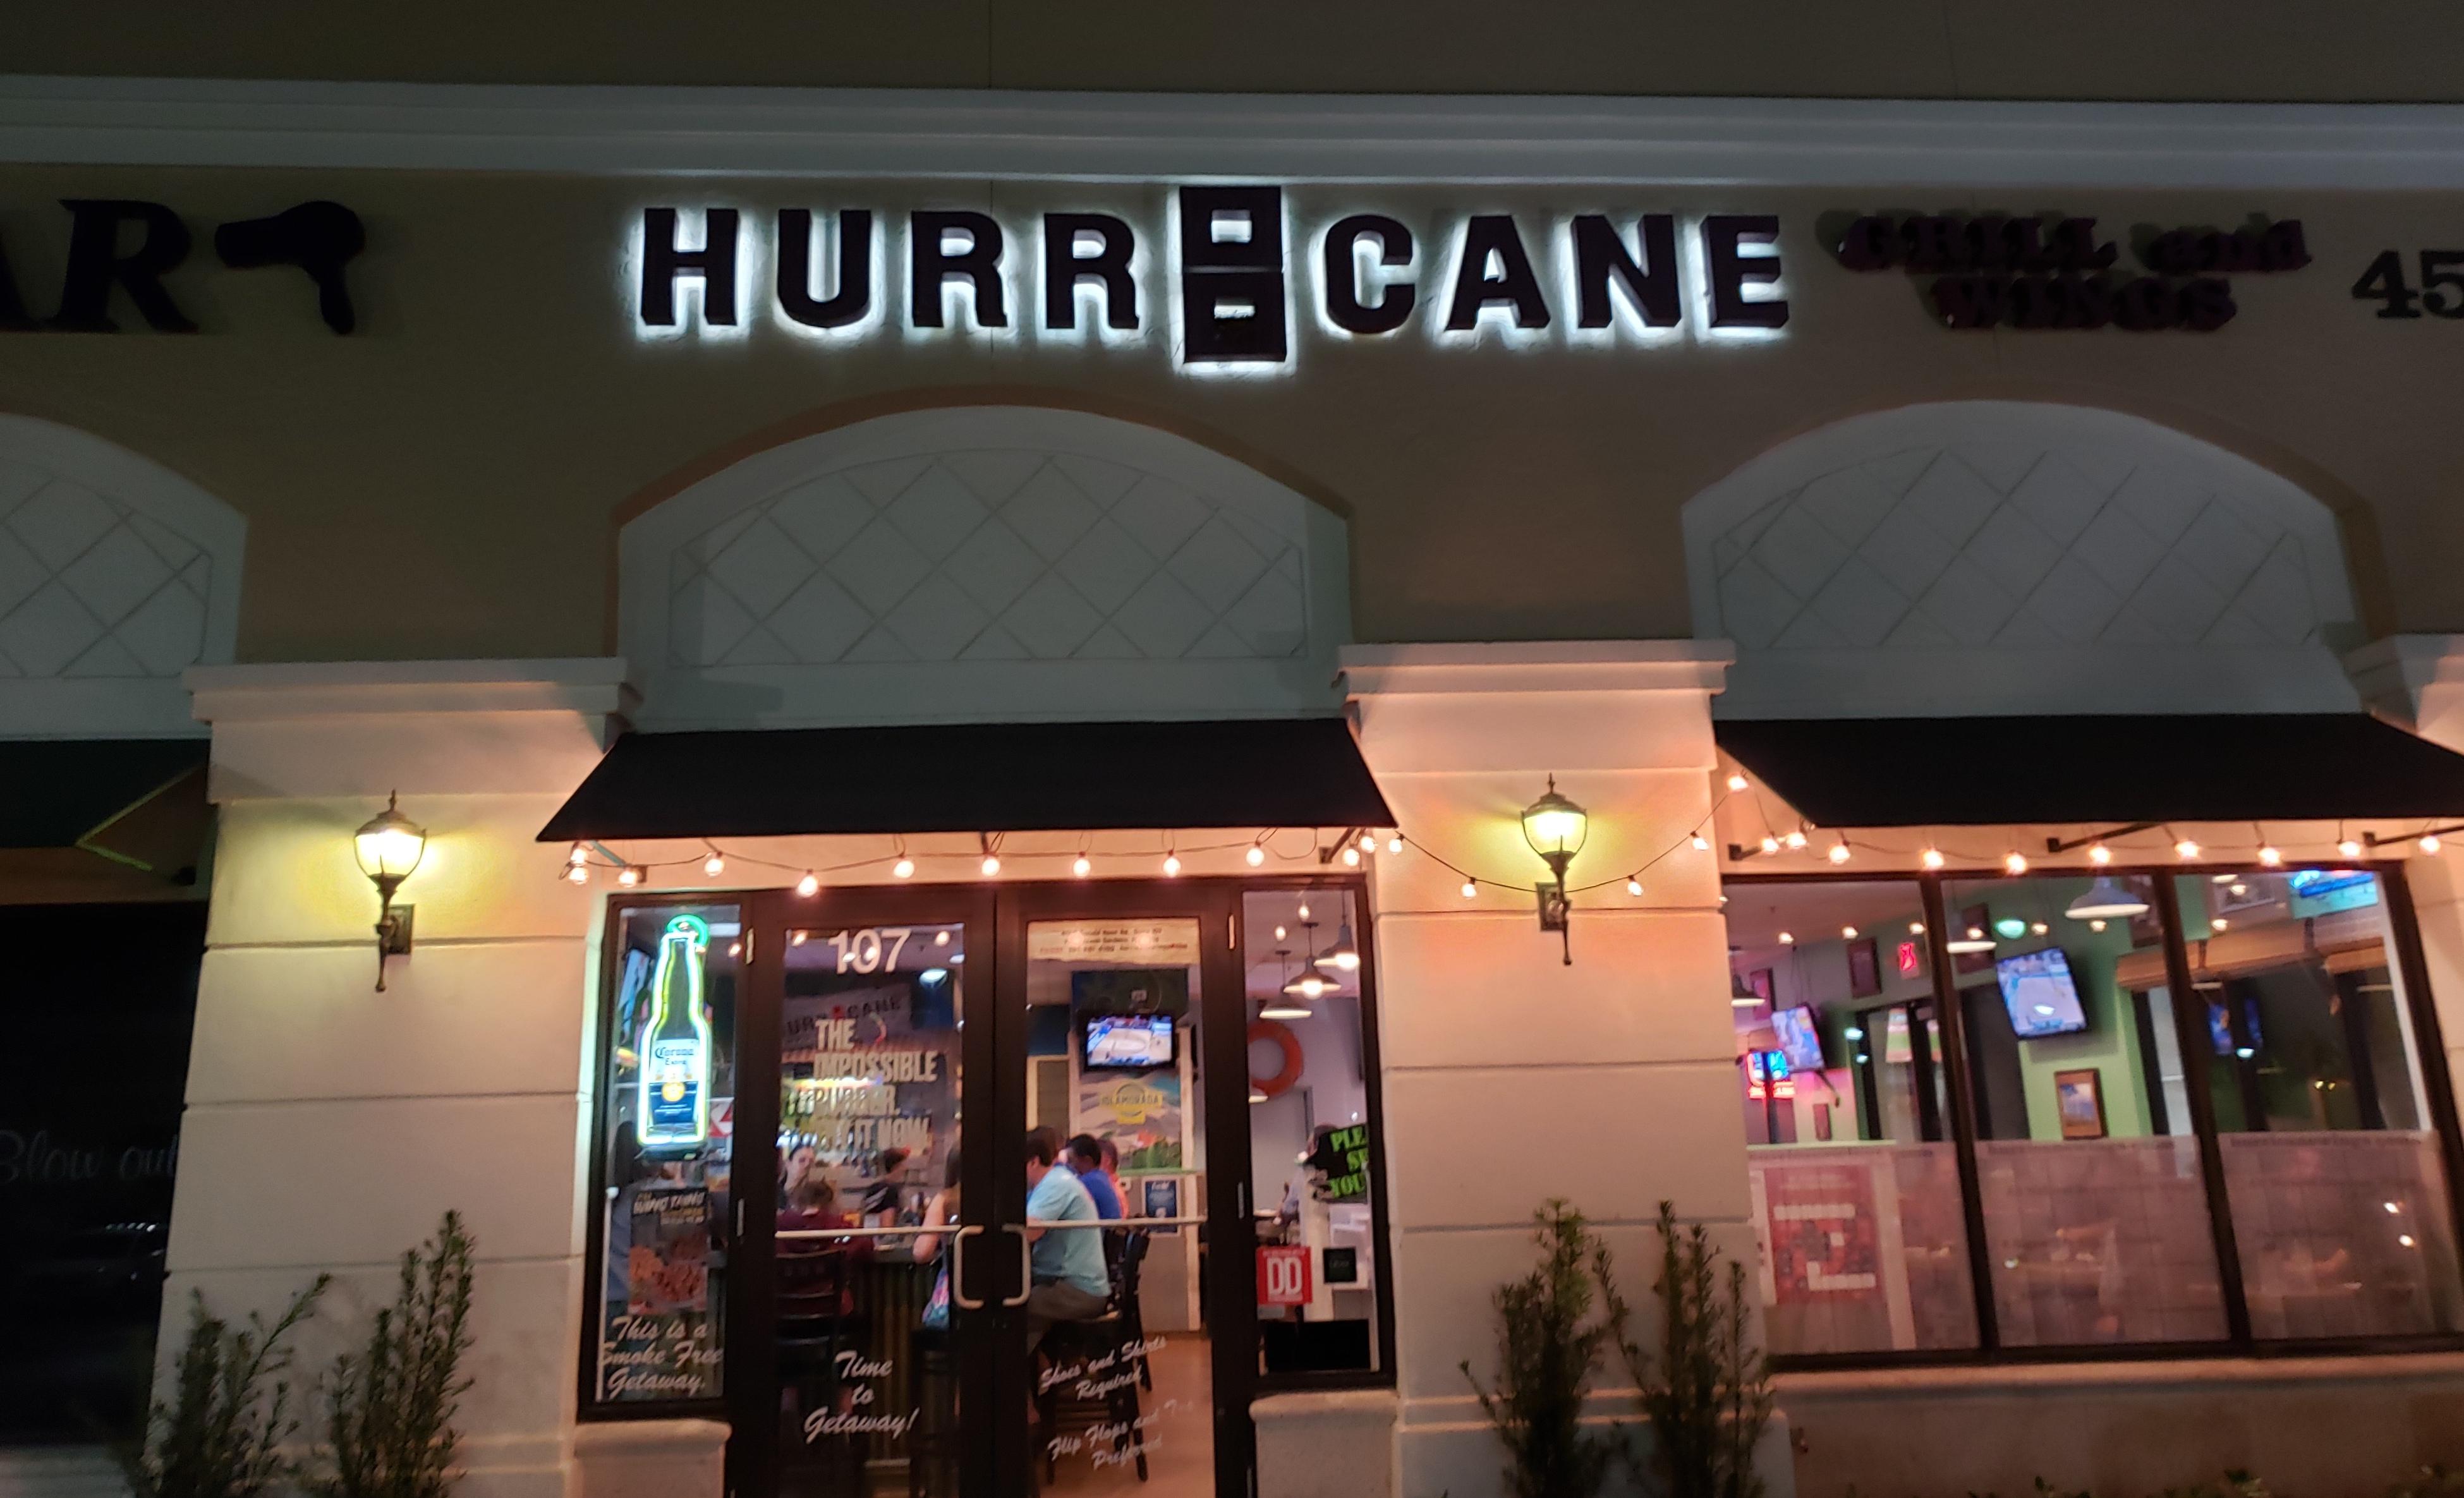 Hurricane main